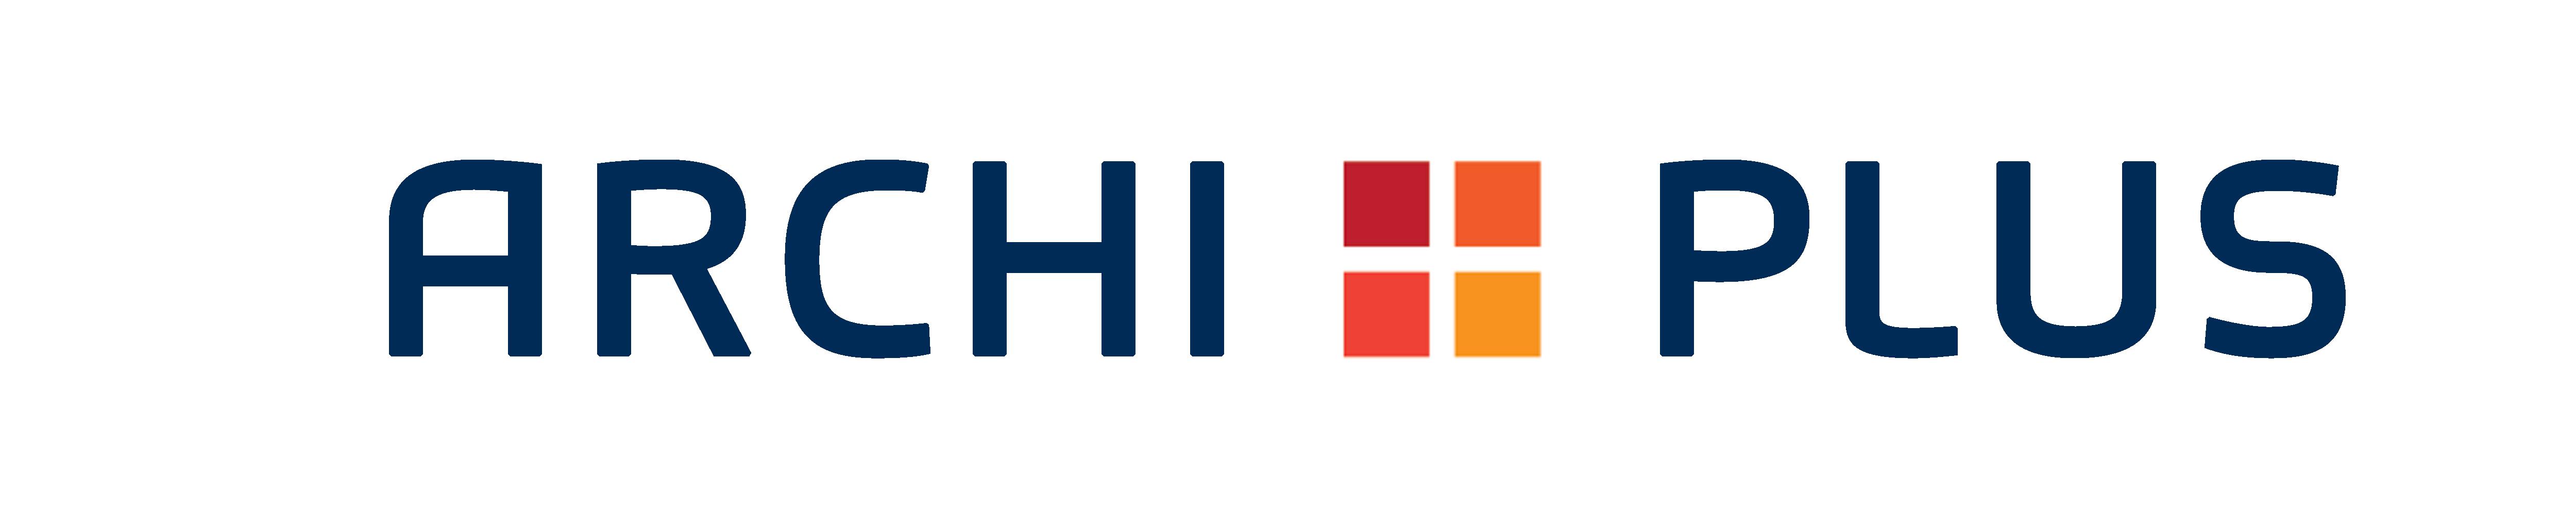 Archiplus - logo couleur xs